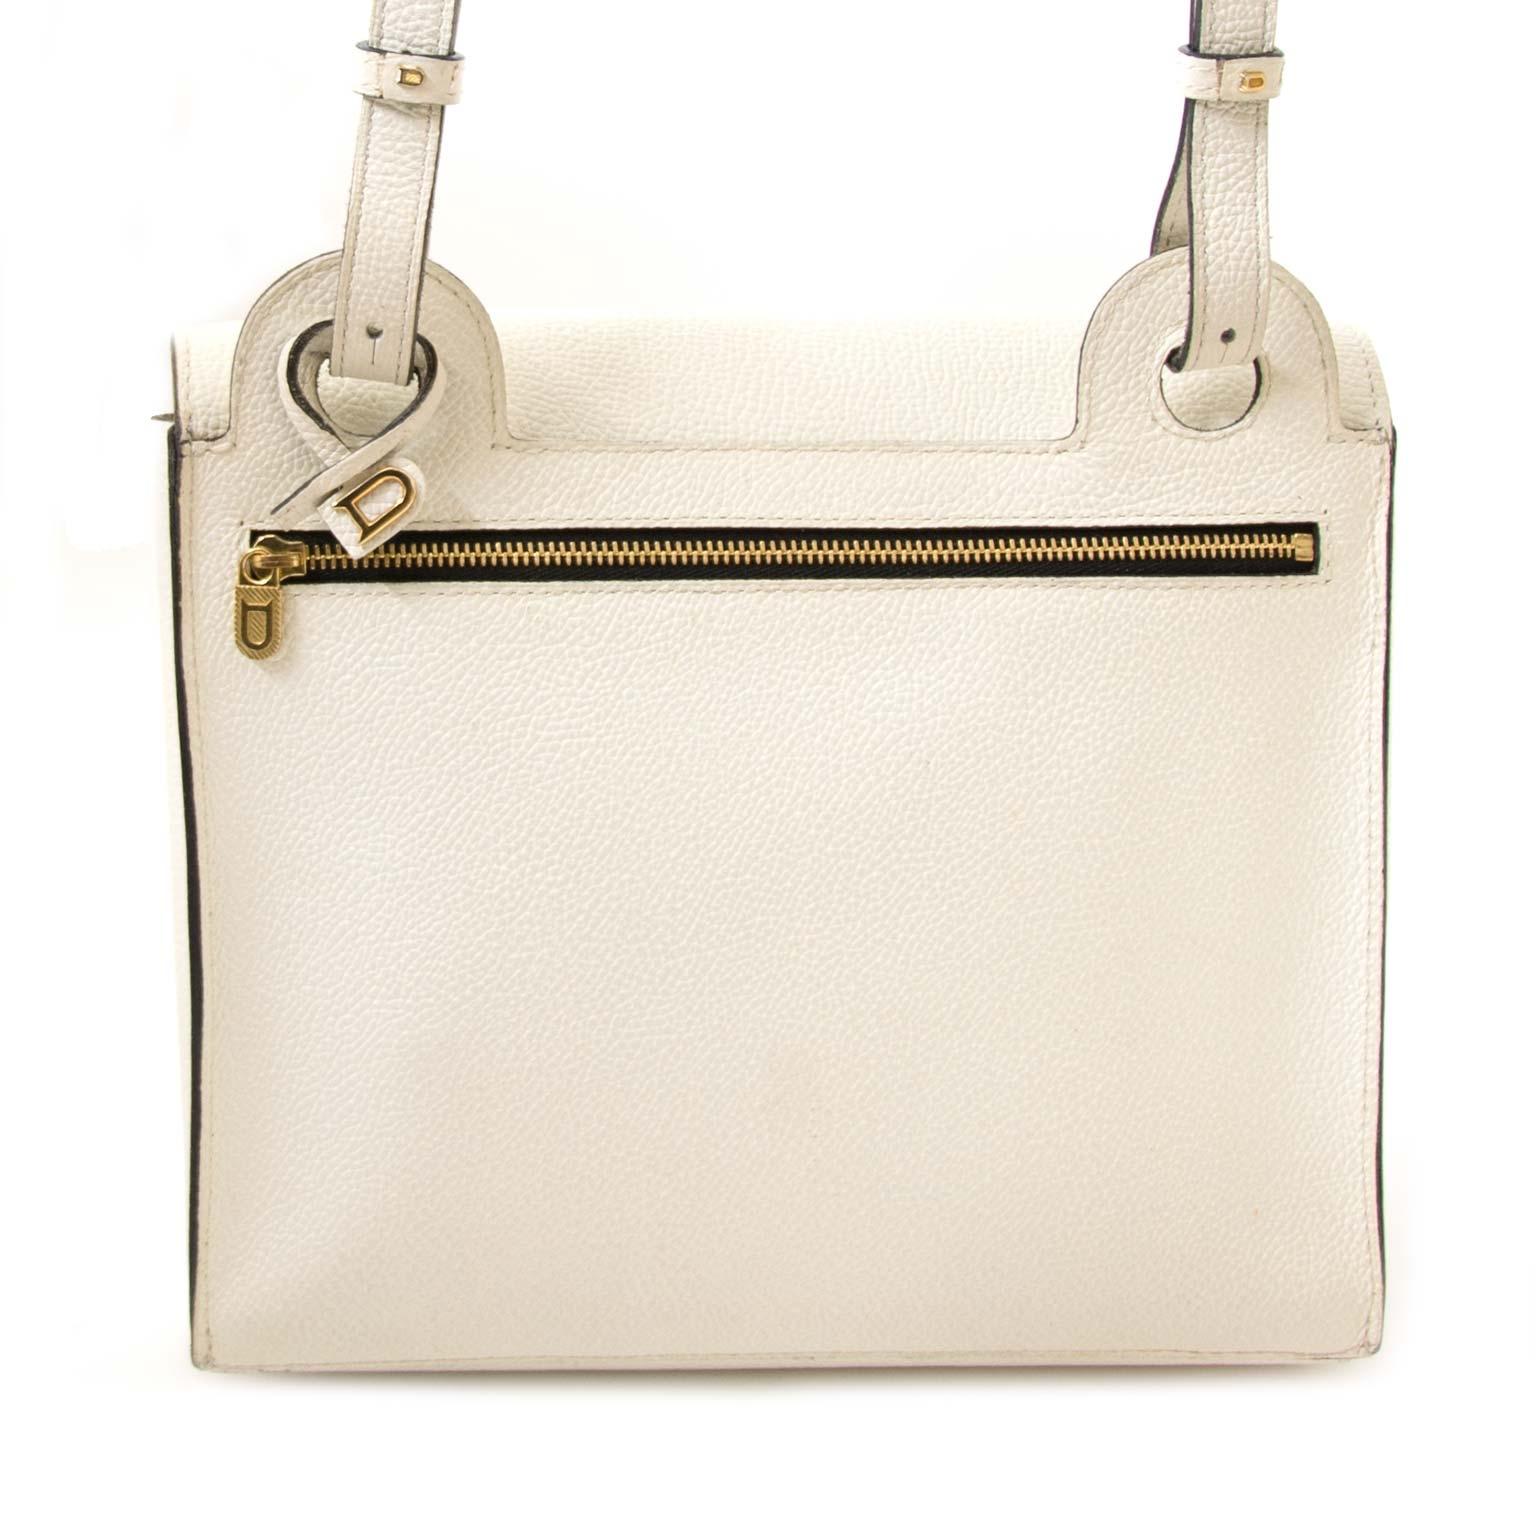 koop Delvaux White Leather Shoulderbag bij labellov en betaal veilig online